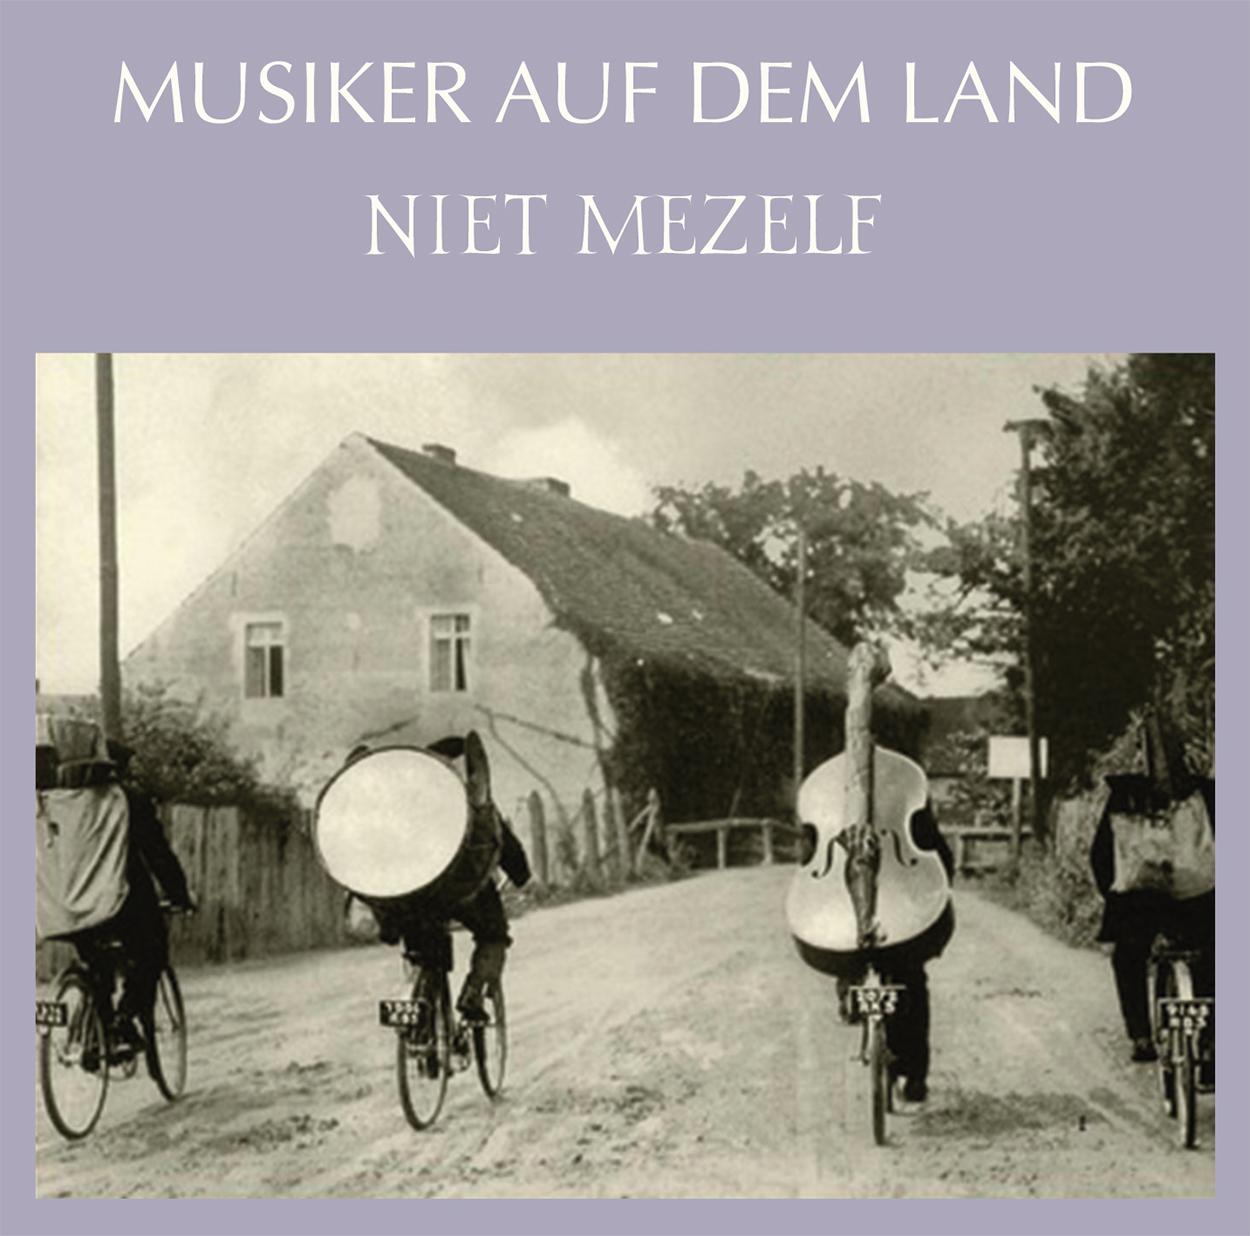 Musiker auf dem land